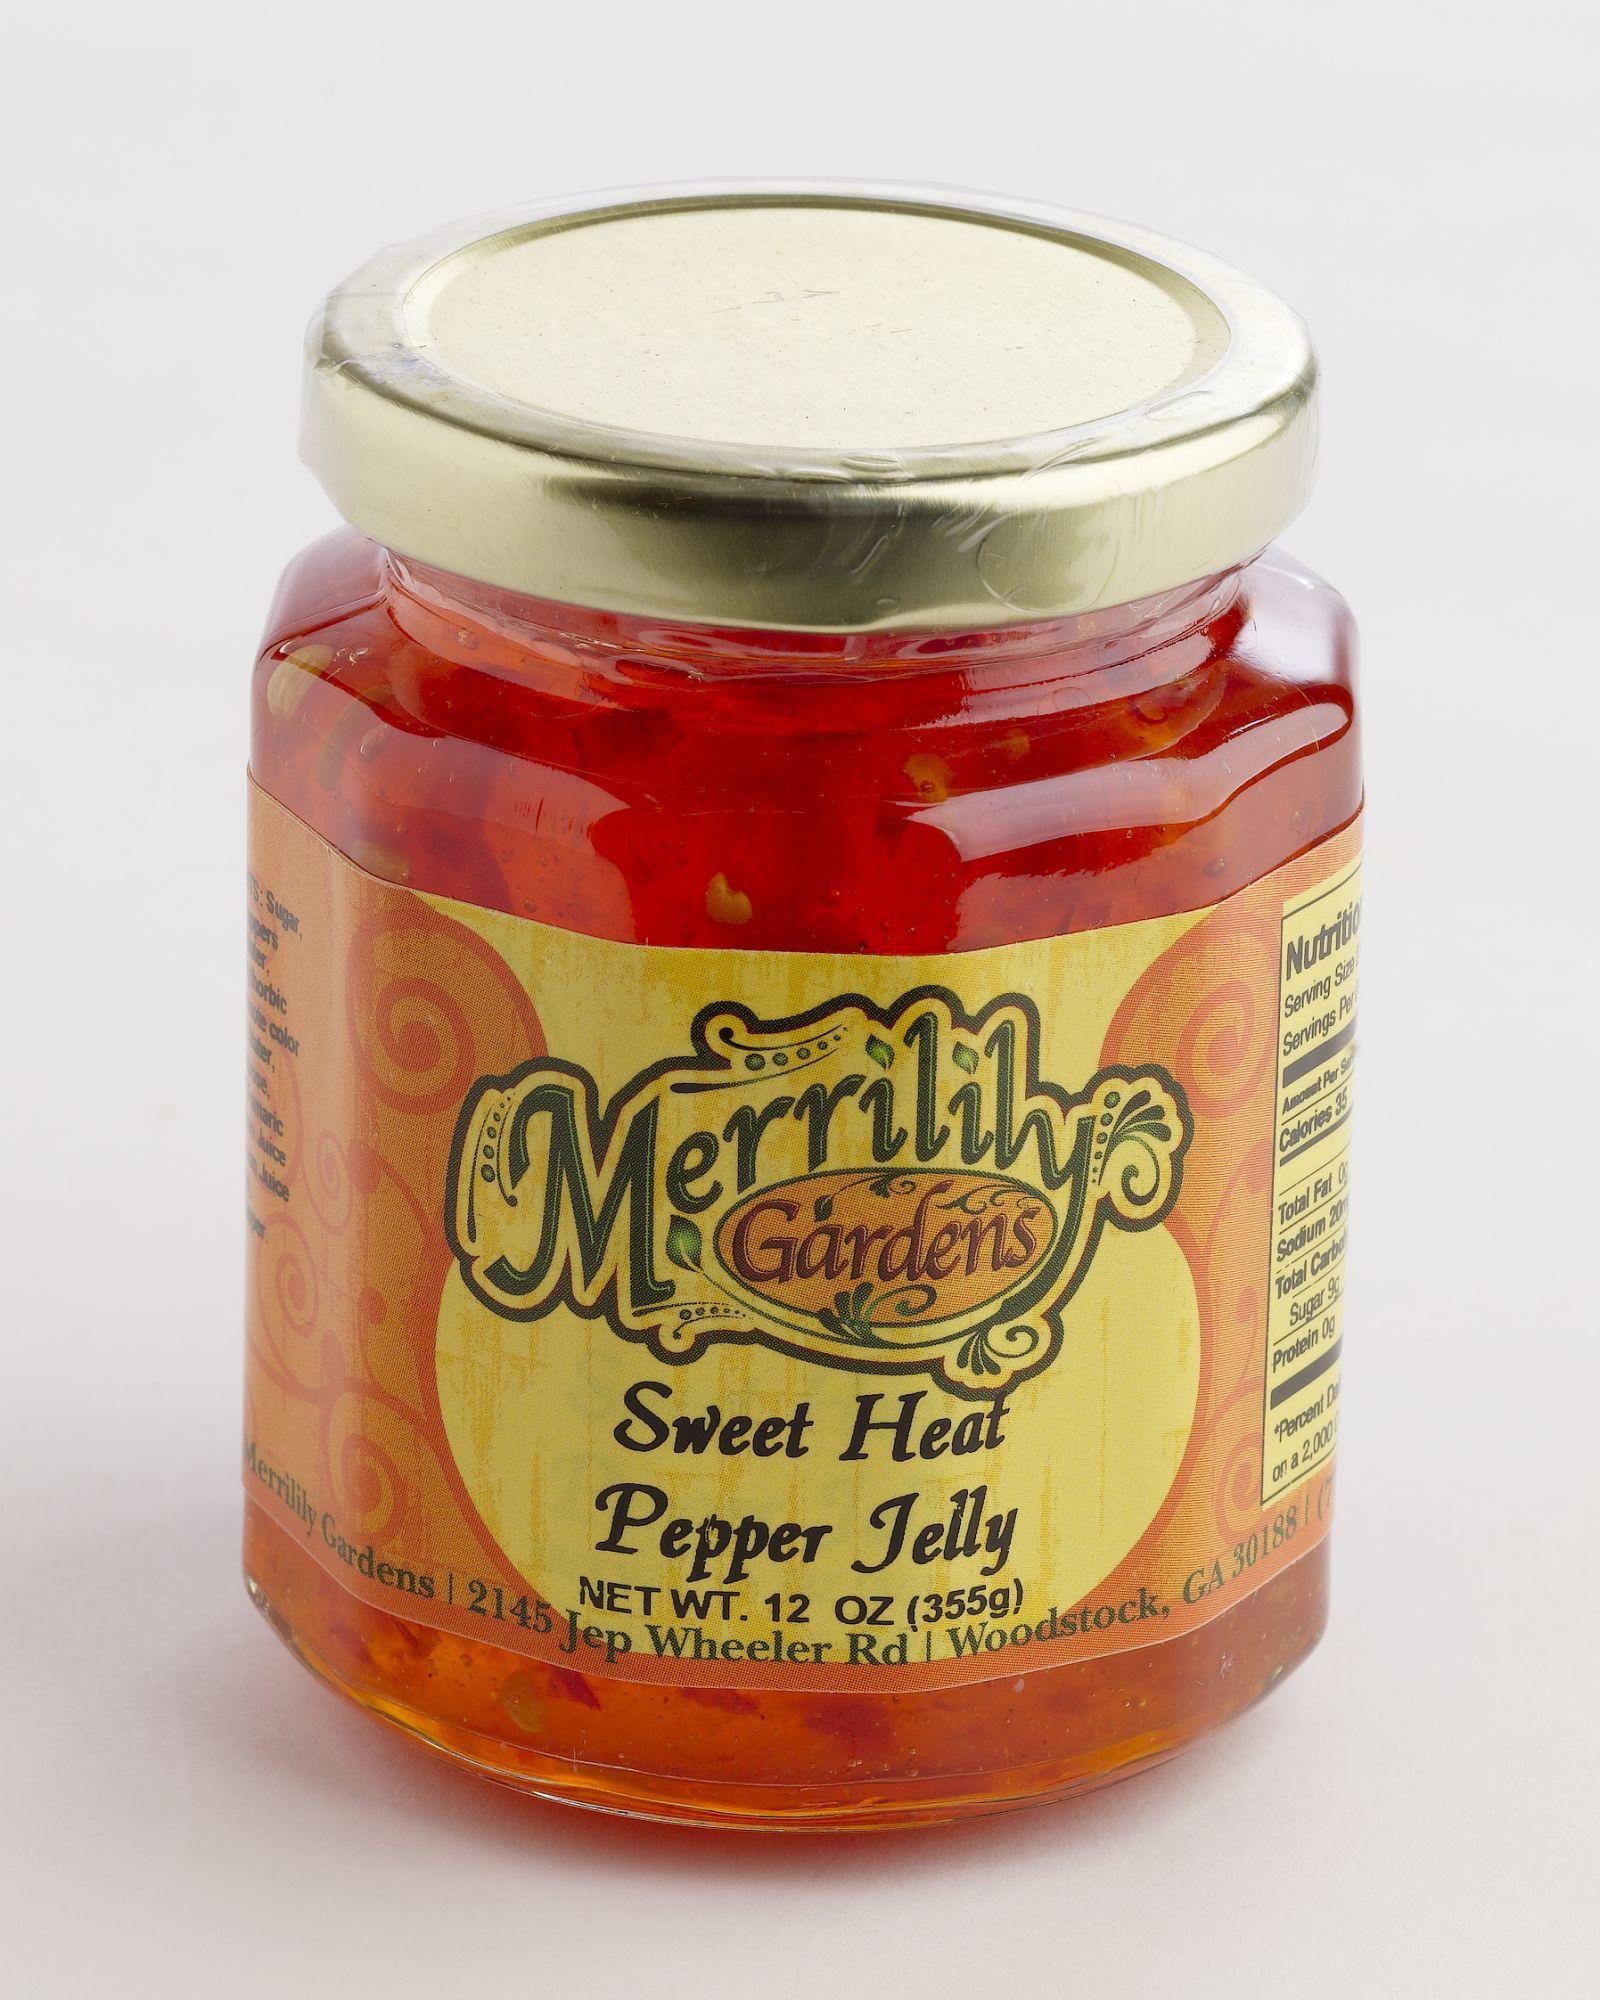 Sweet Heat Pepper Jelly